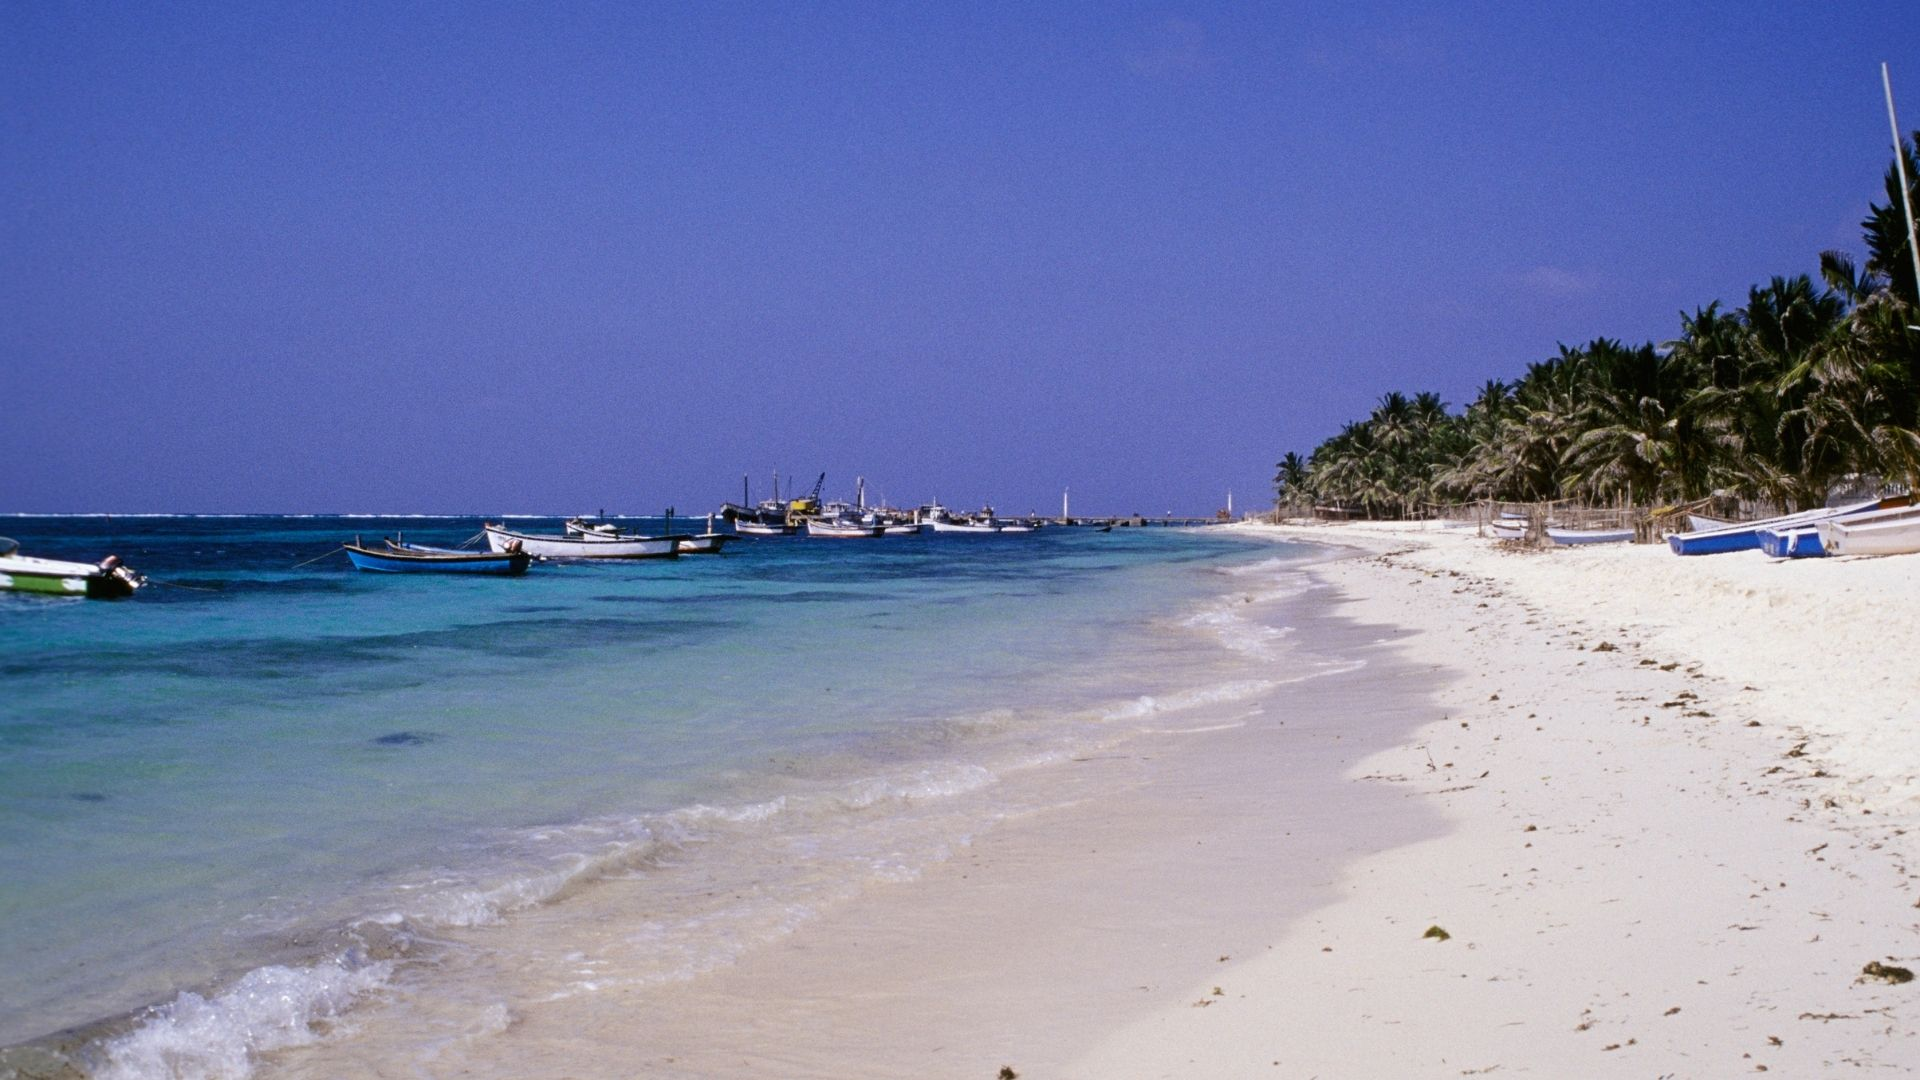 Una de las islas que conforman el archipiélado de las Islas Laquedivas en India